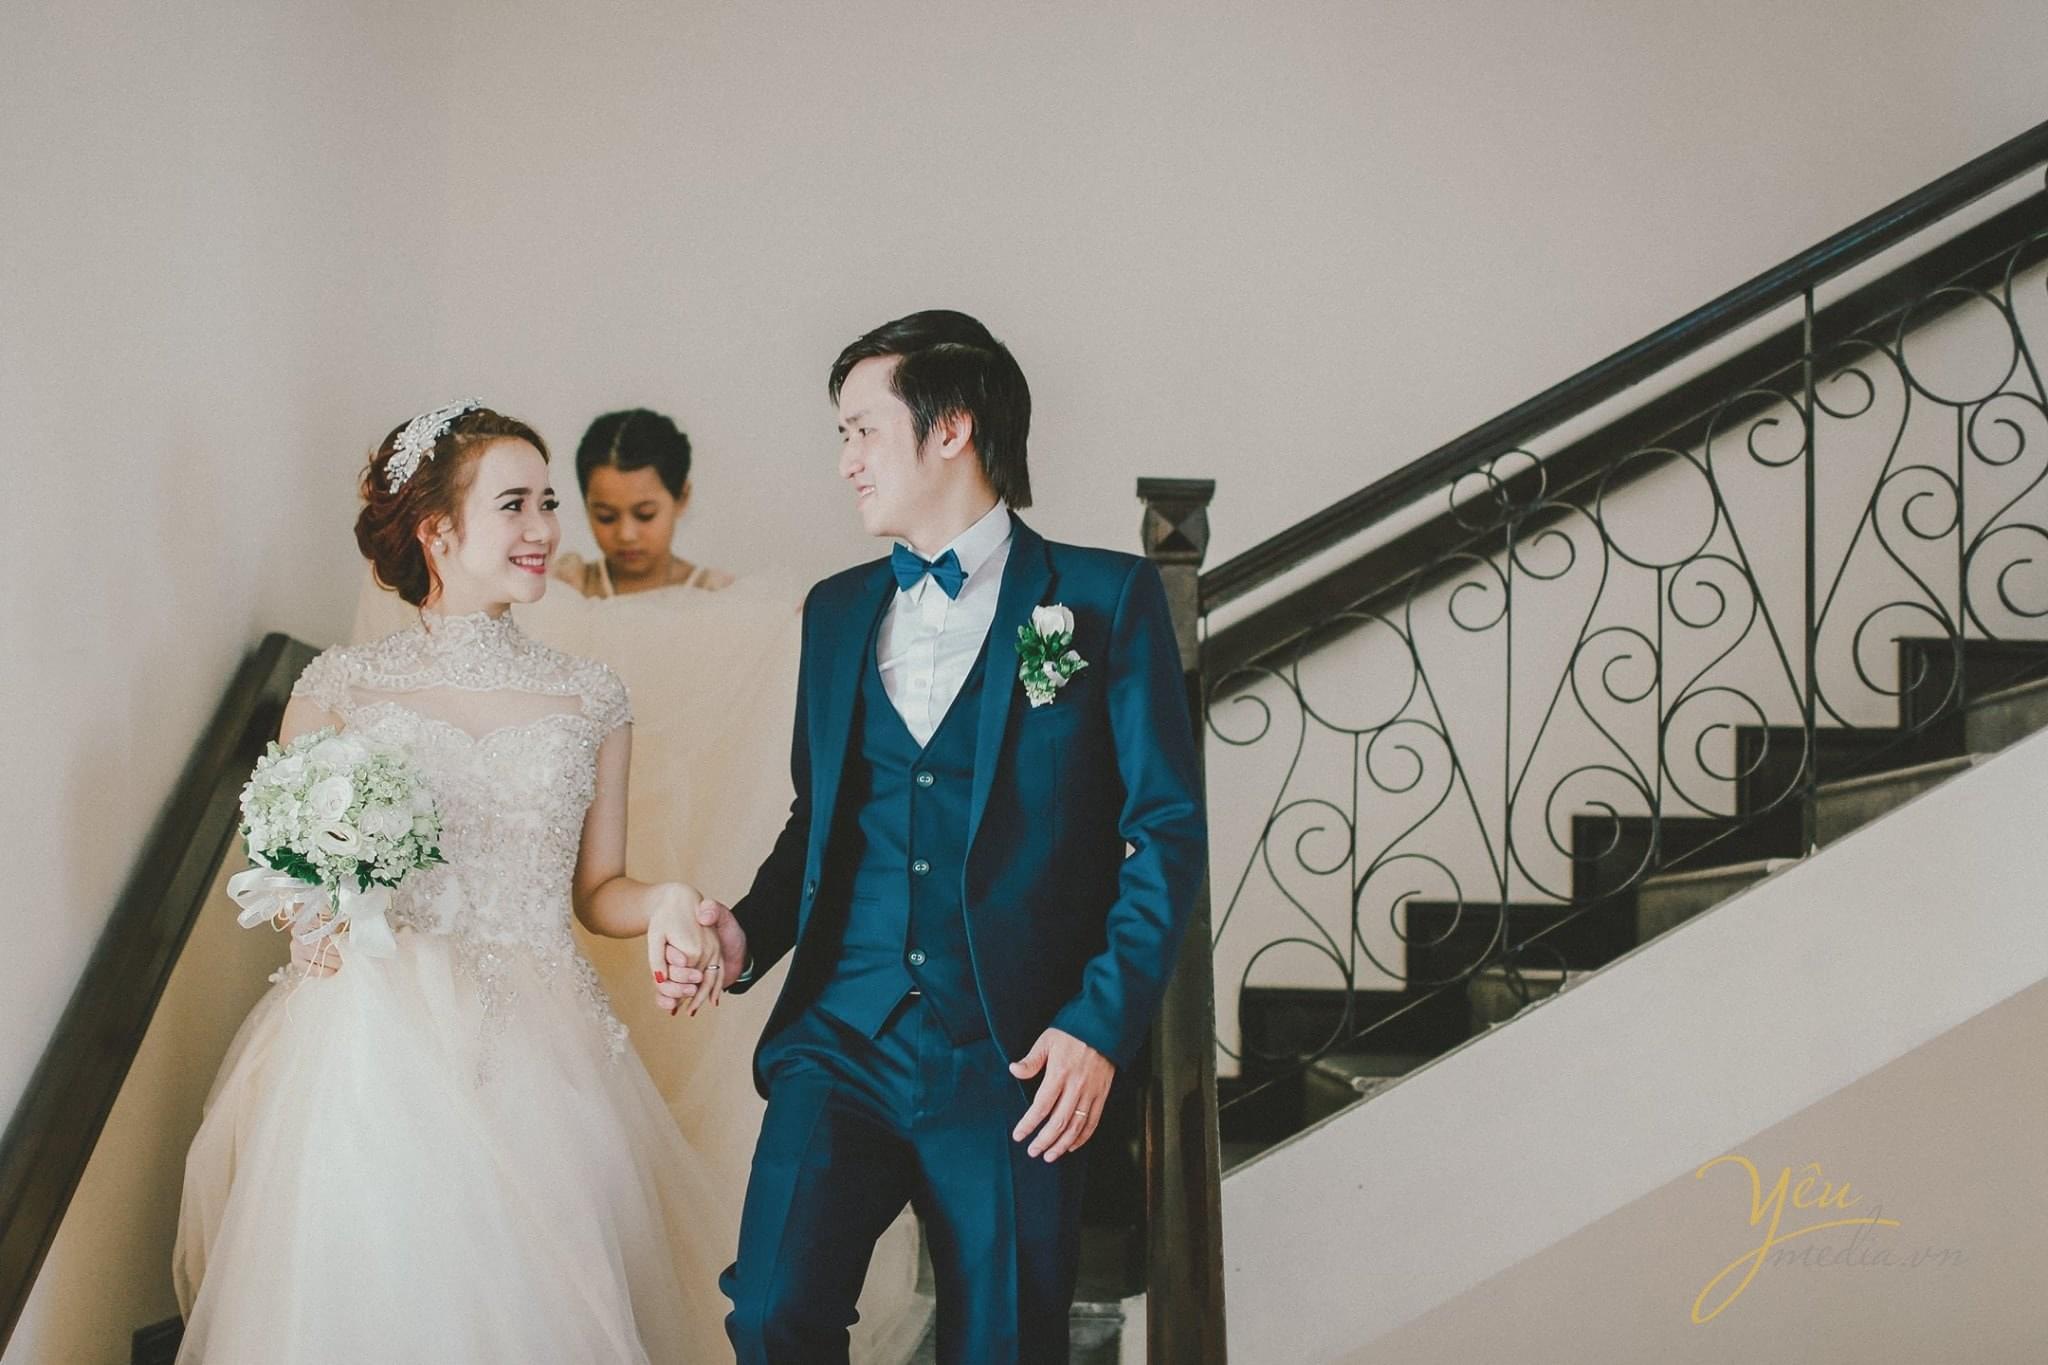 cô dâu chú rể nhìn nhau hạnh phúc